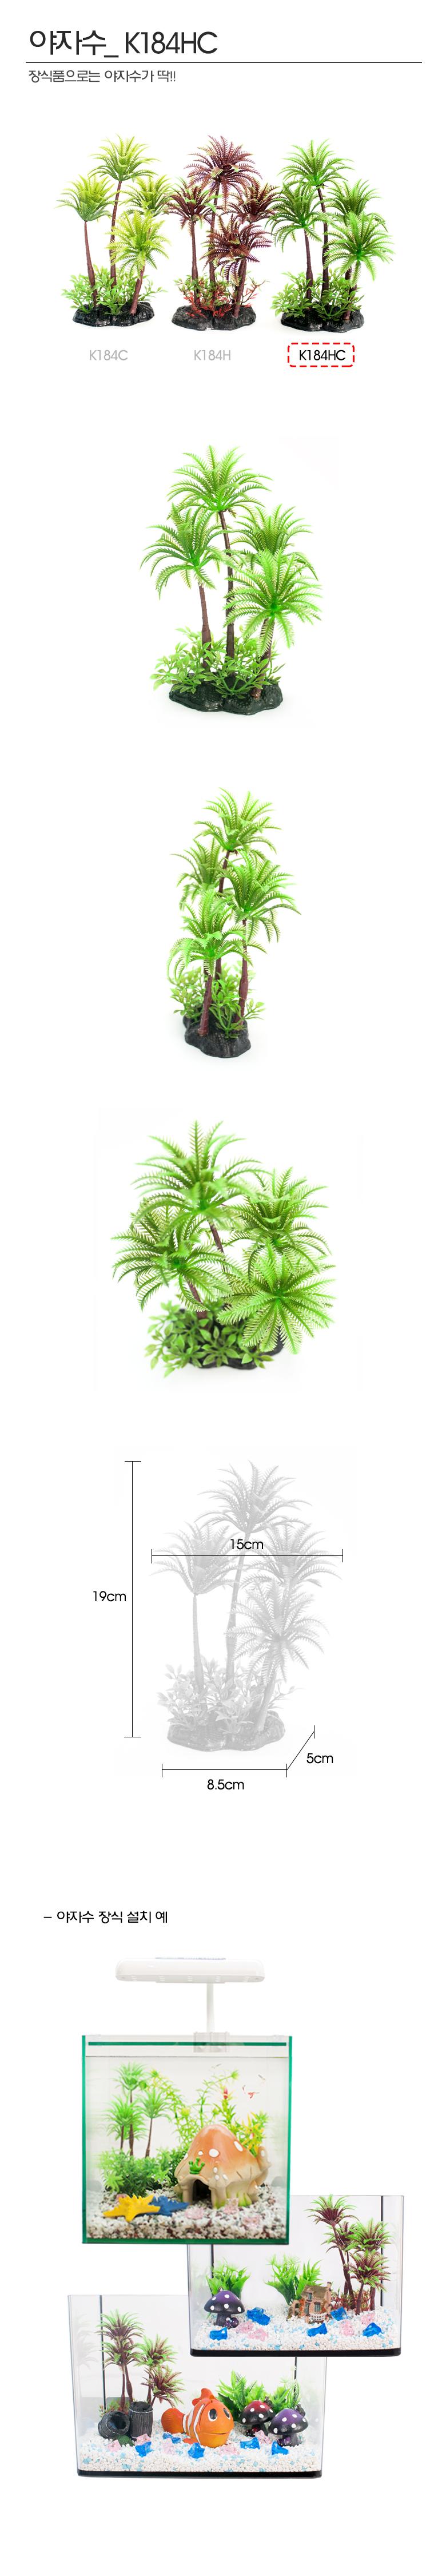 SH 야자수 K184HC - 라라아쿠아, 3,300원, 장식품, 수초